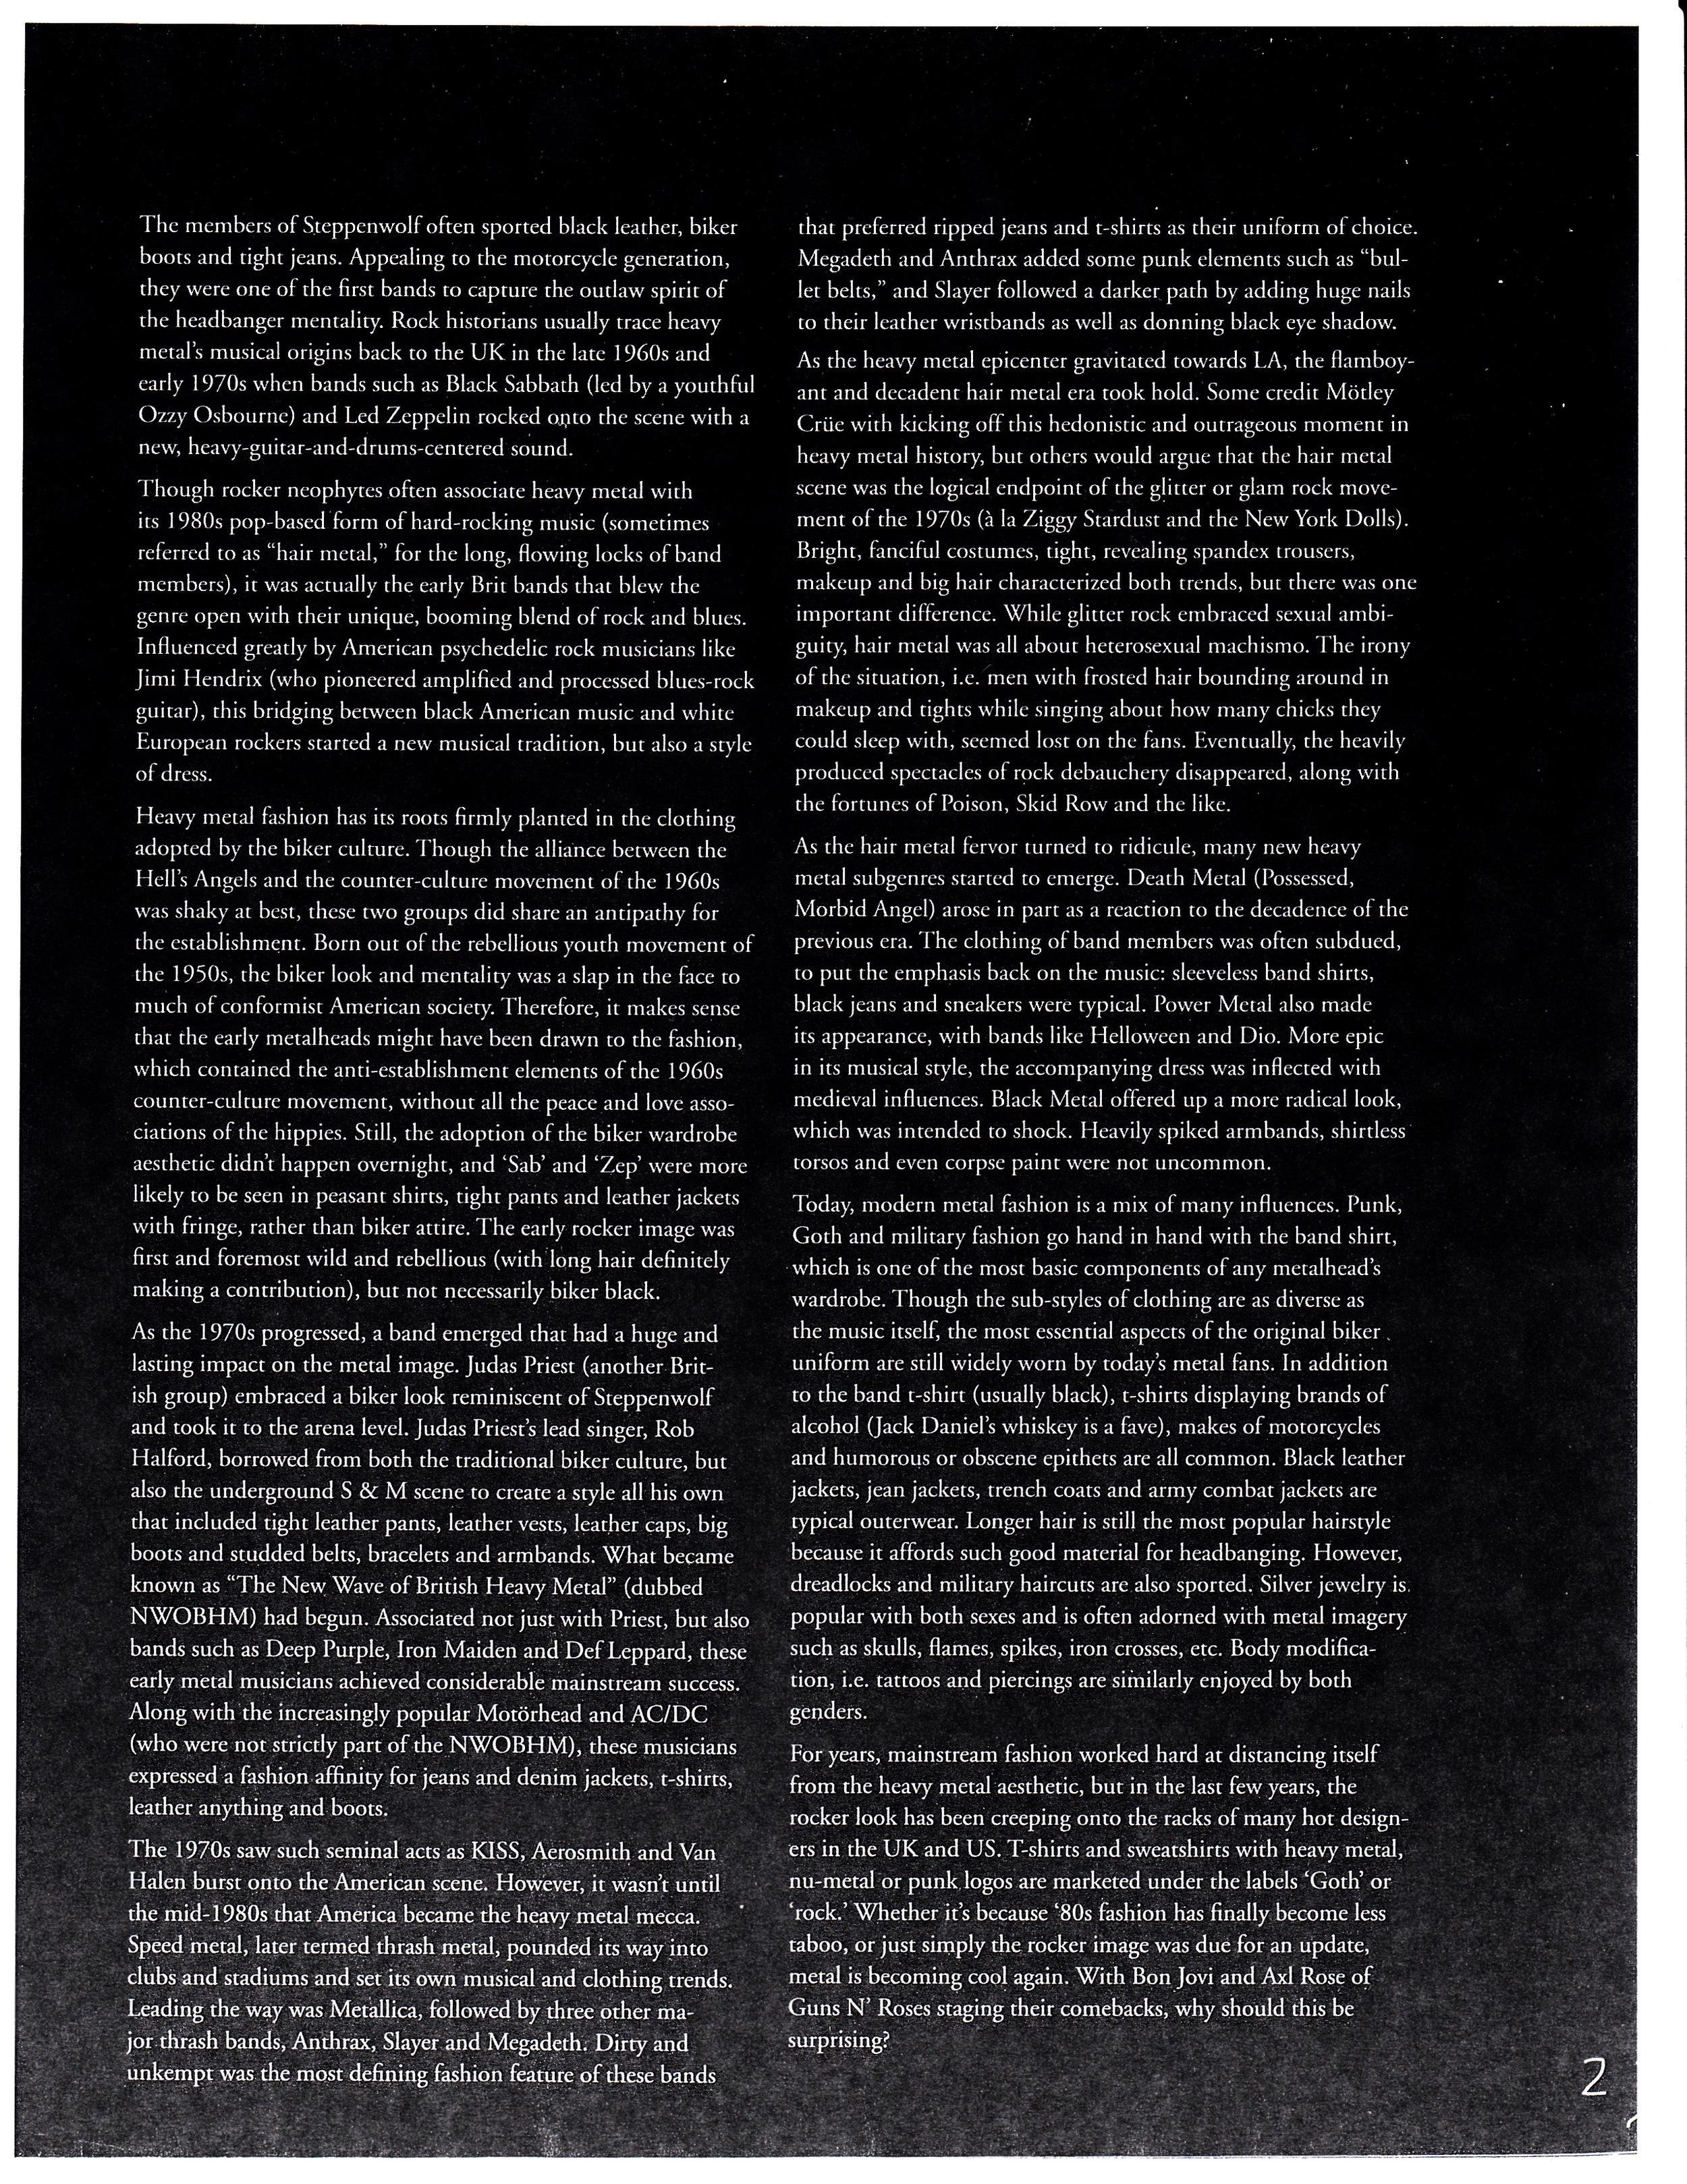 Article-Metal.2.jpg